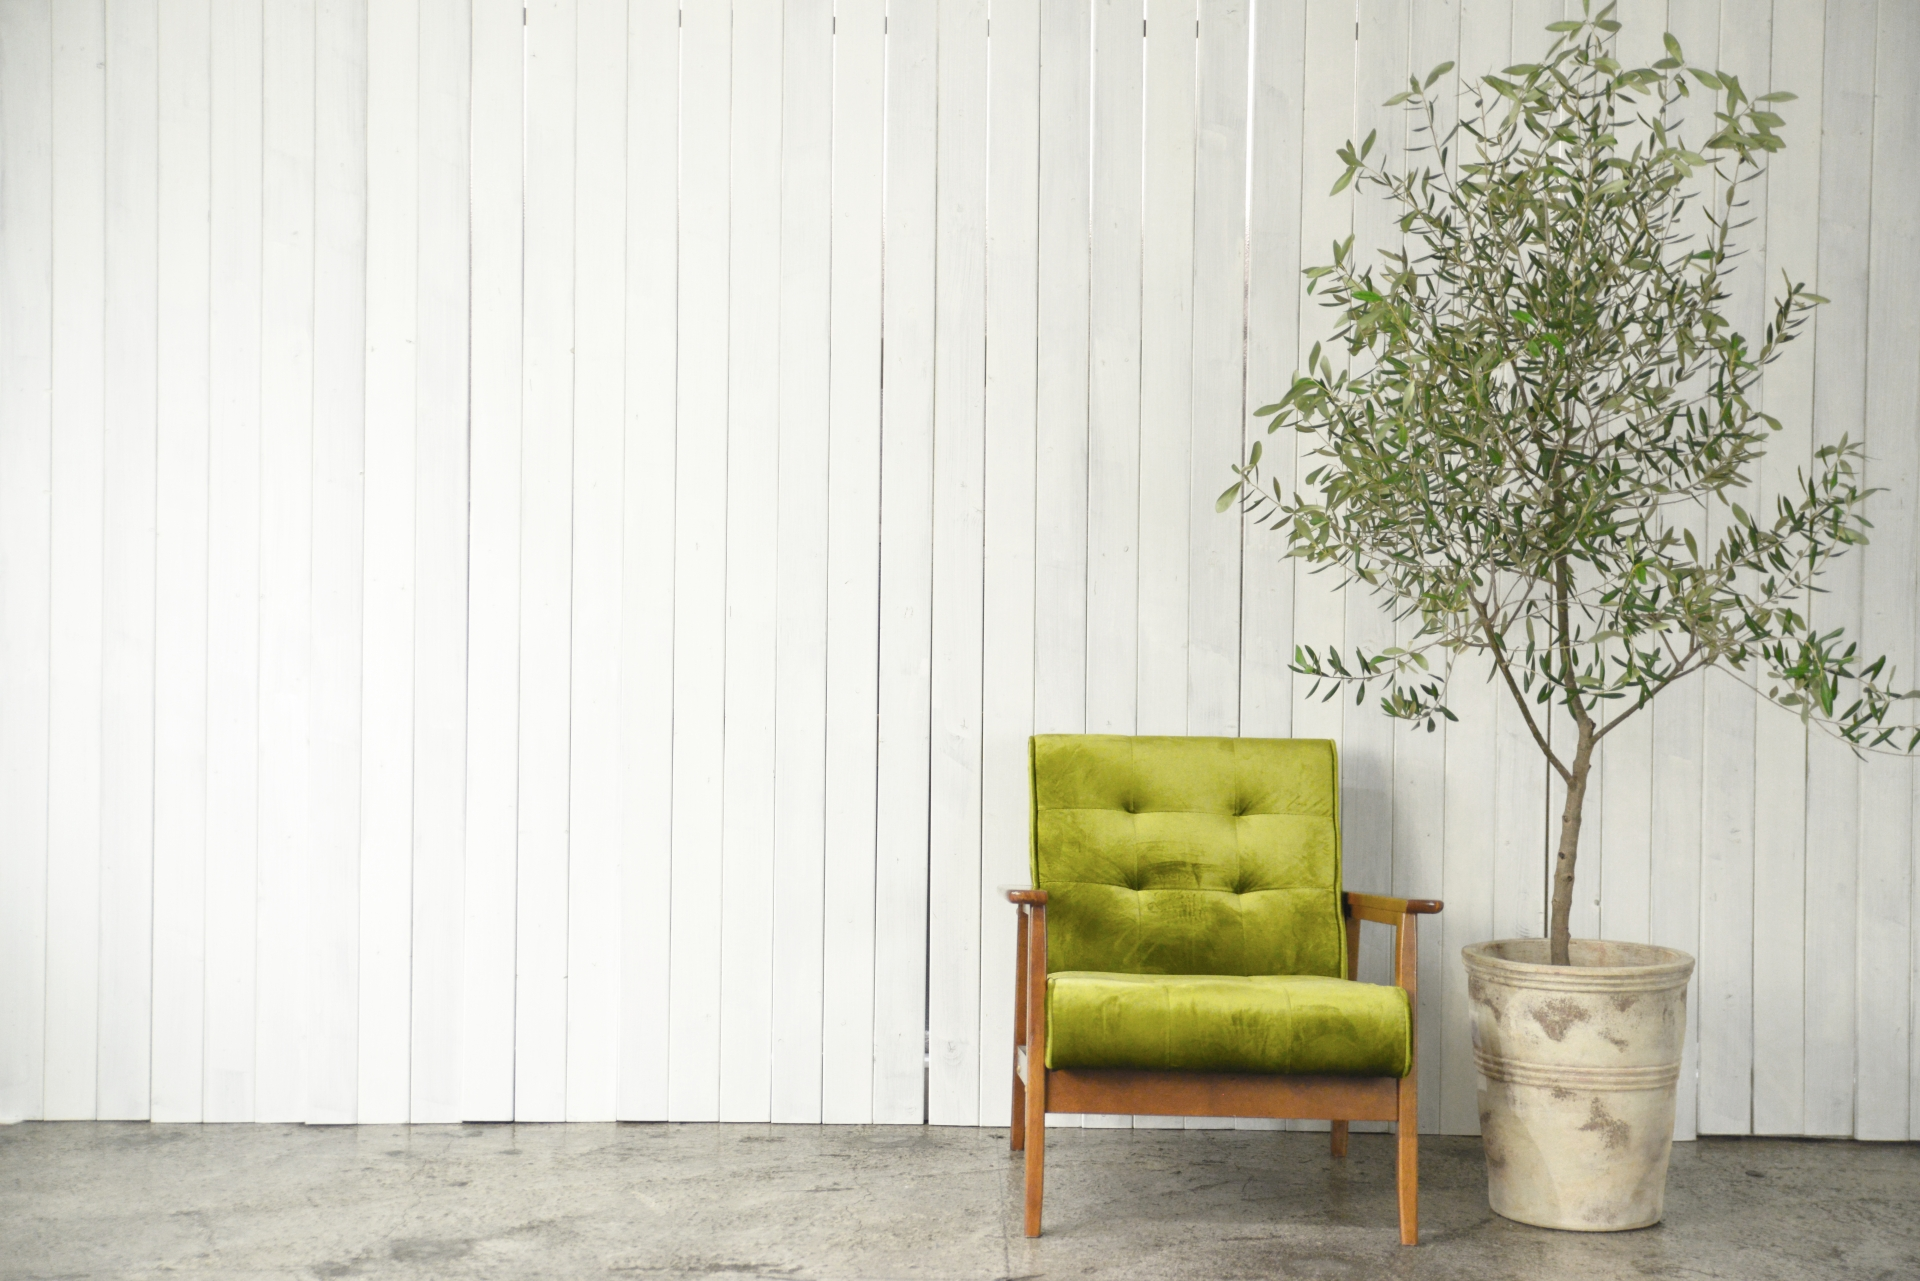 福岡市の壁紙張り替え、クロス張替え | てっしーグループ